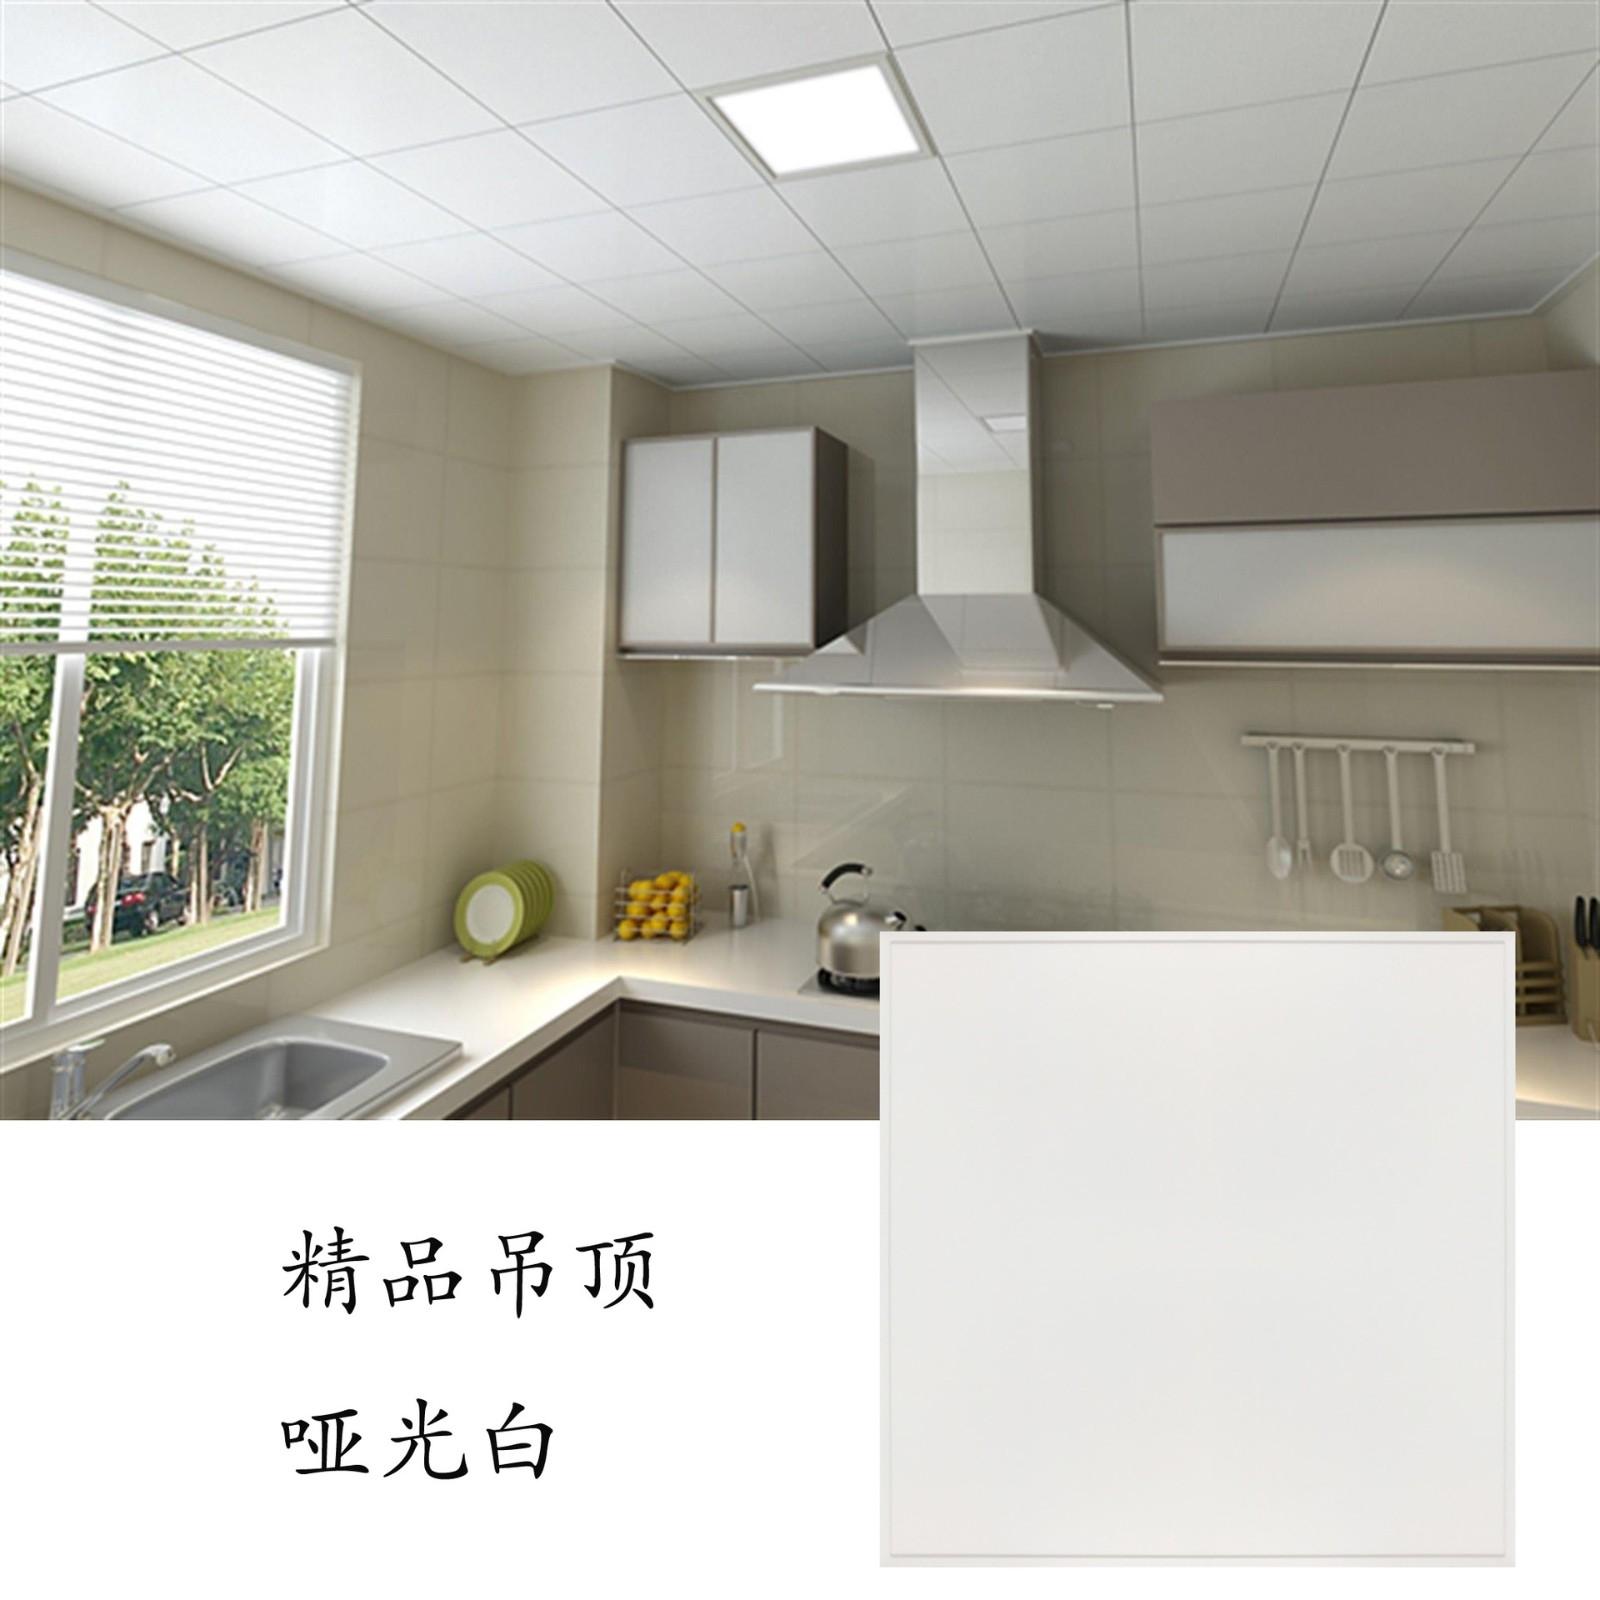 家装工装集成吊顶铝扣板哑光纯白厨房卫生间办公室天花300X300